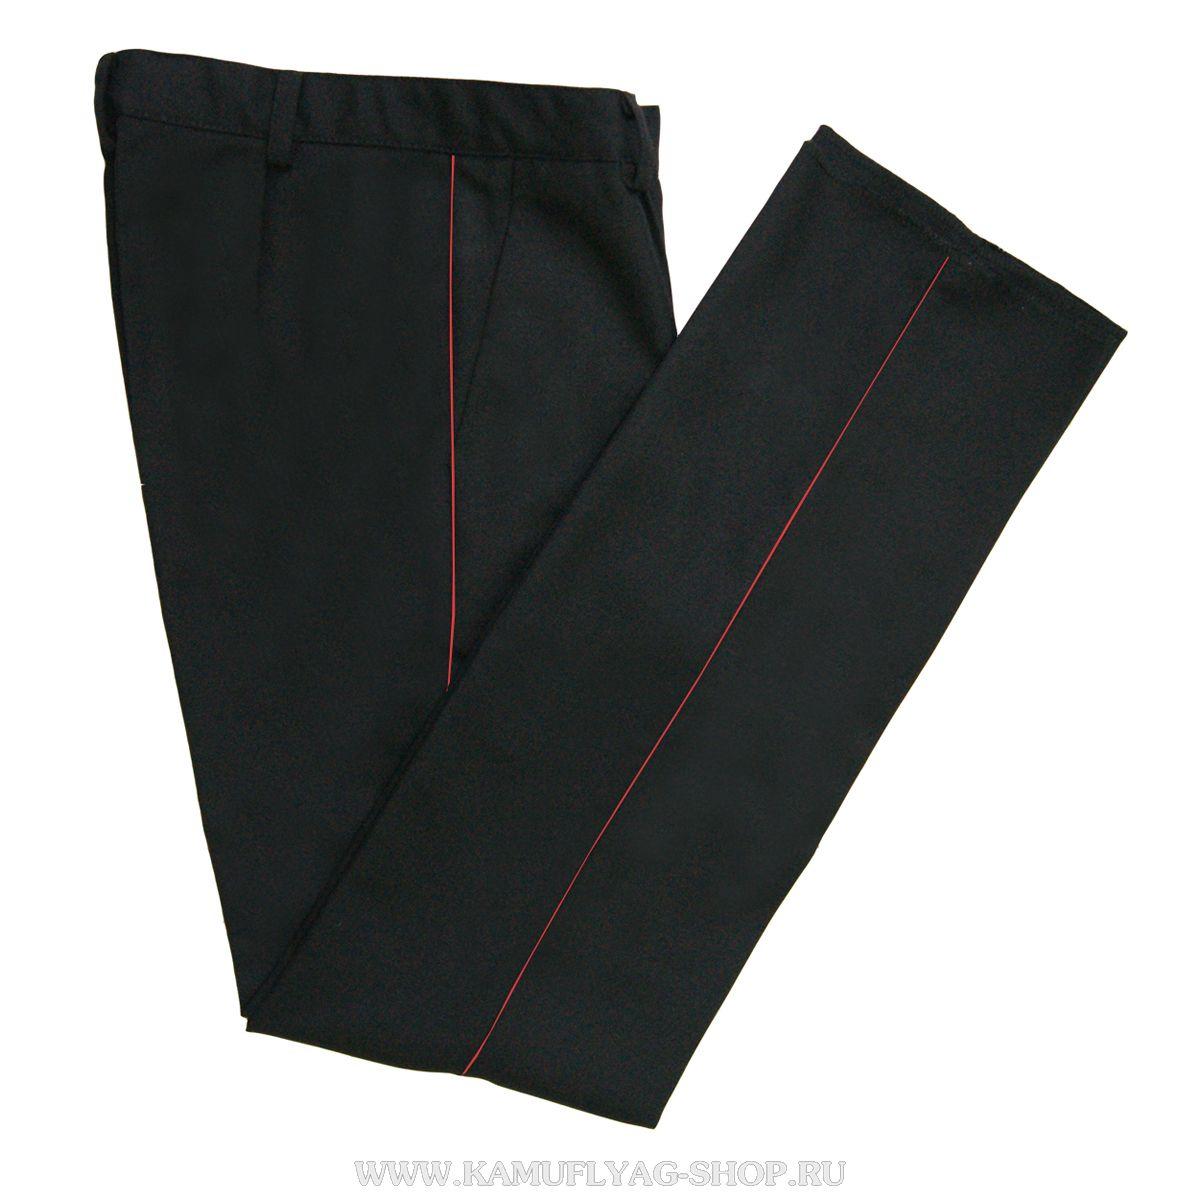 Брюки форменные черные с красным кантом